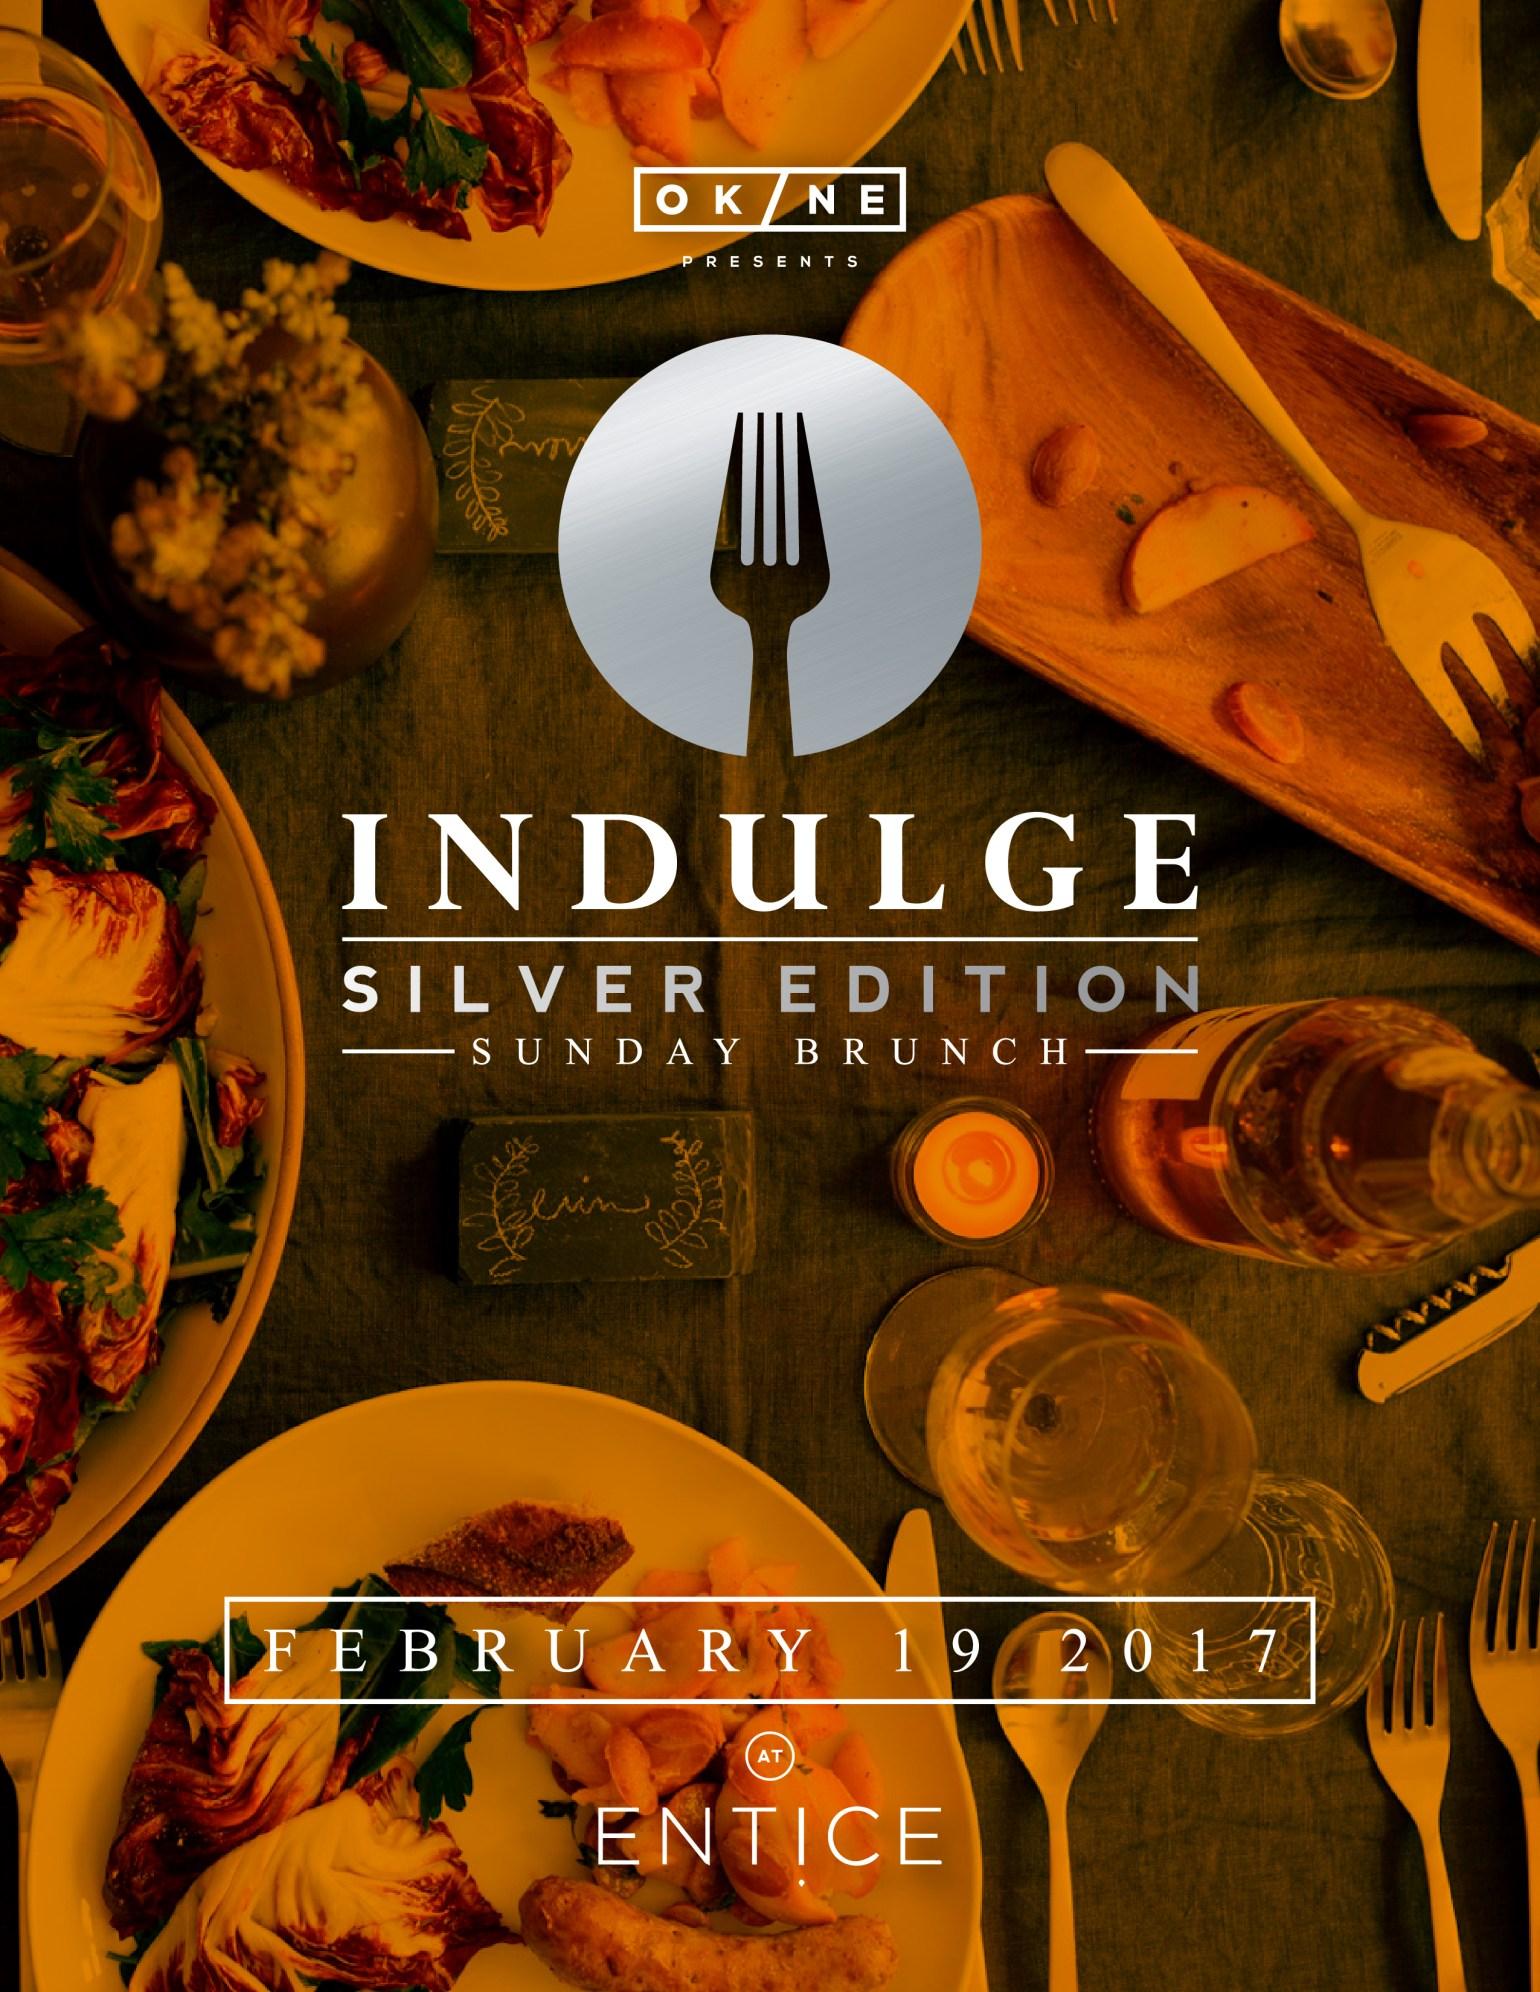 indulge_silver-01.jpg